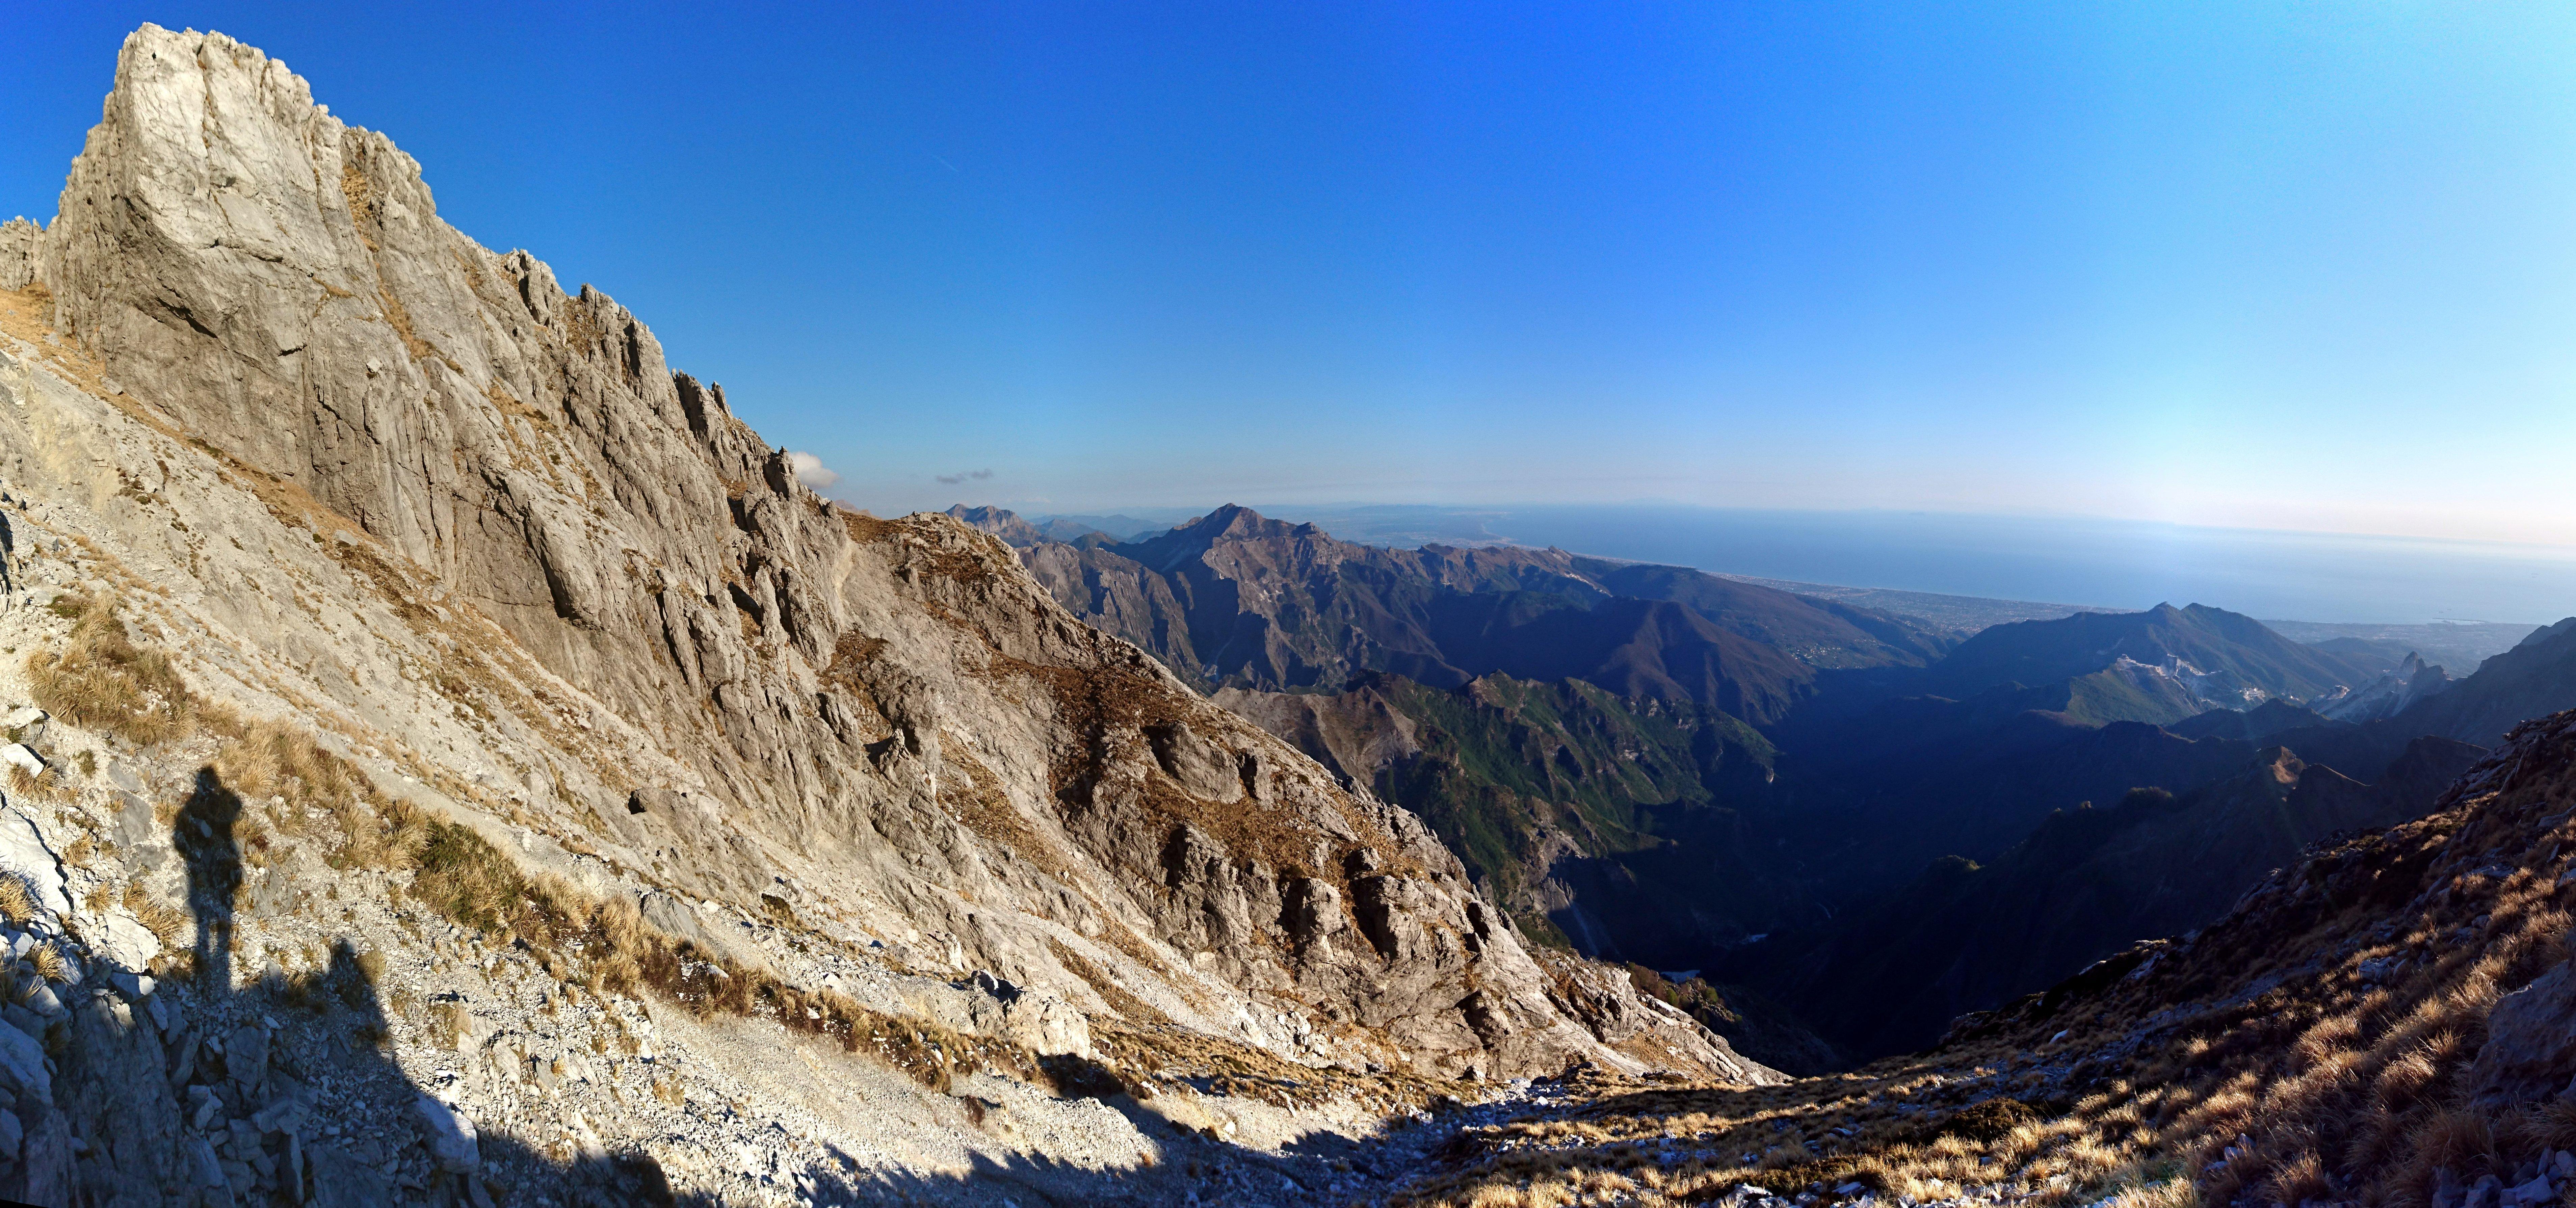 In alto a sinistra la cima del monte la Forbice visto dalla via di discesa